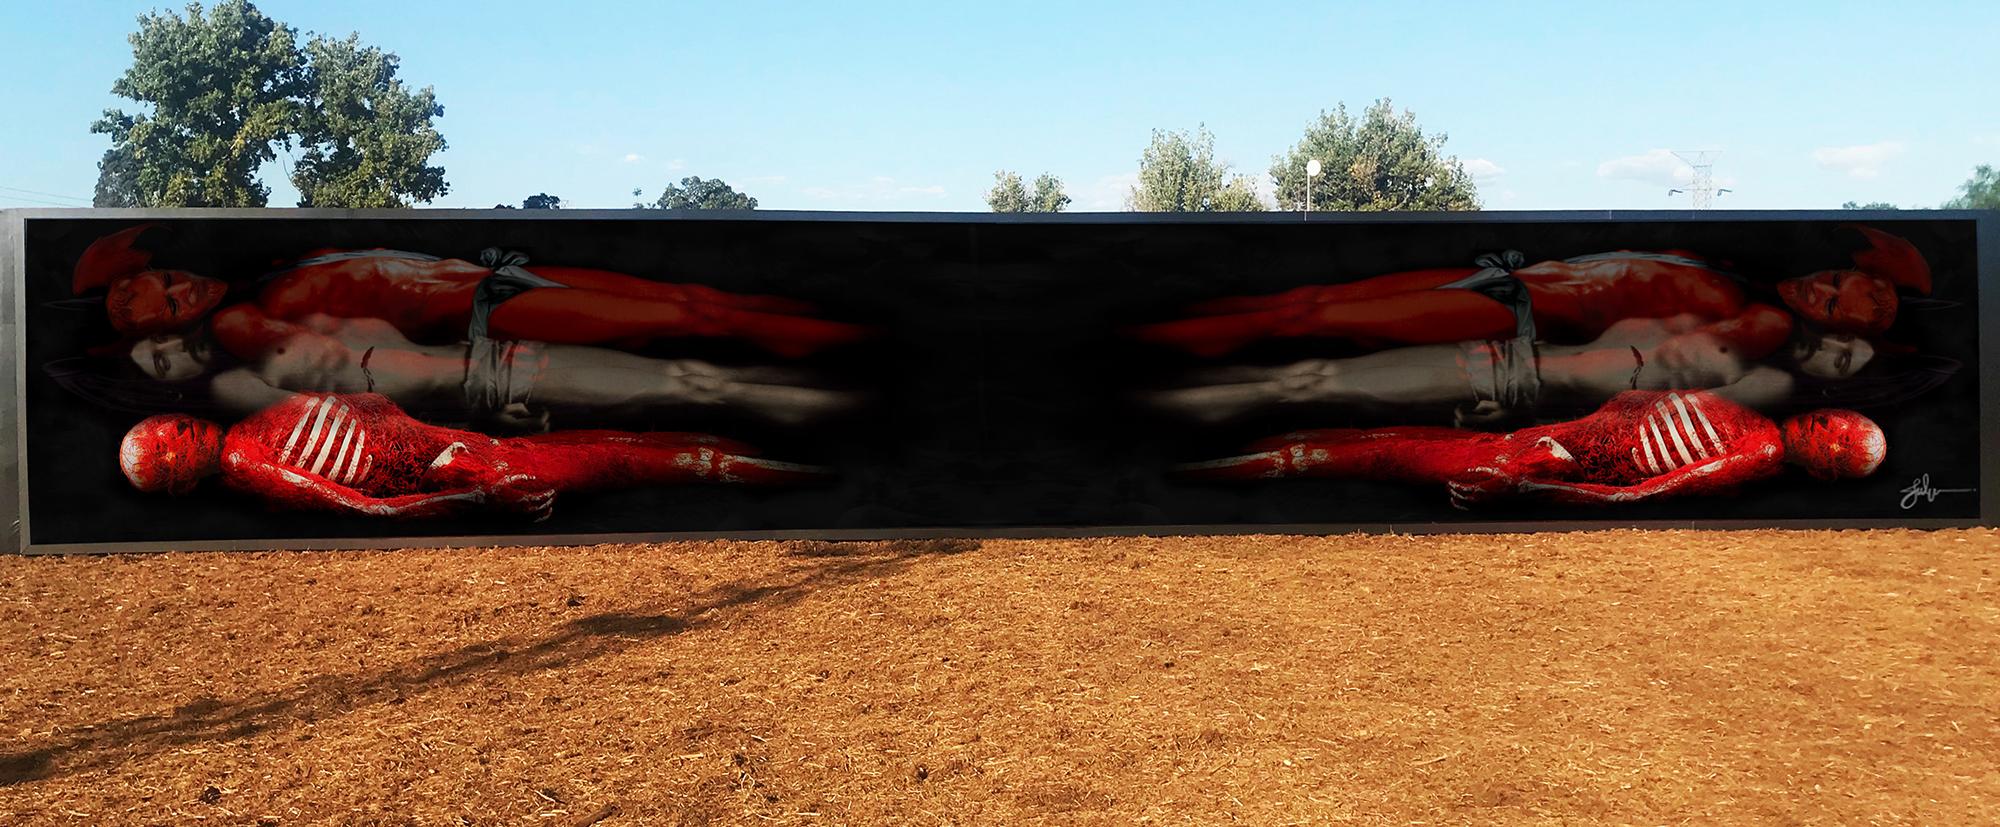 Demon Dayz Mural.jpg